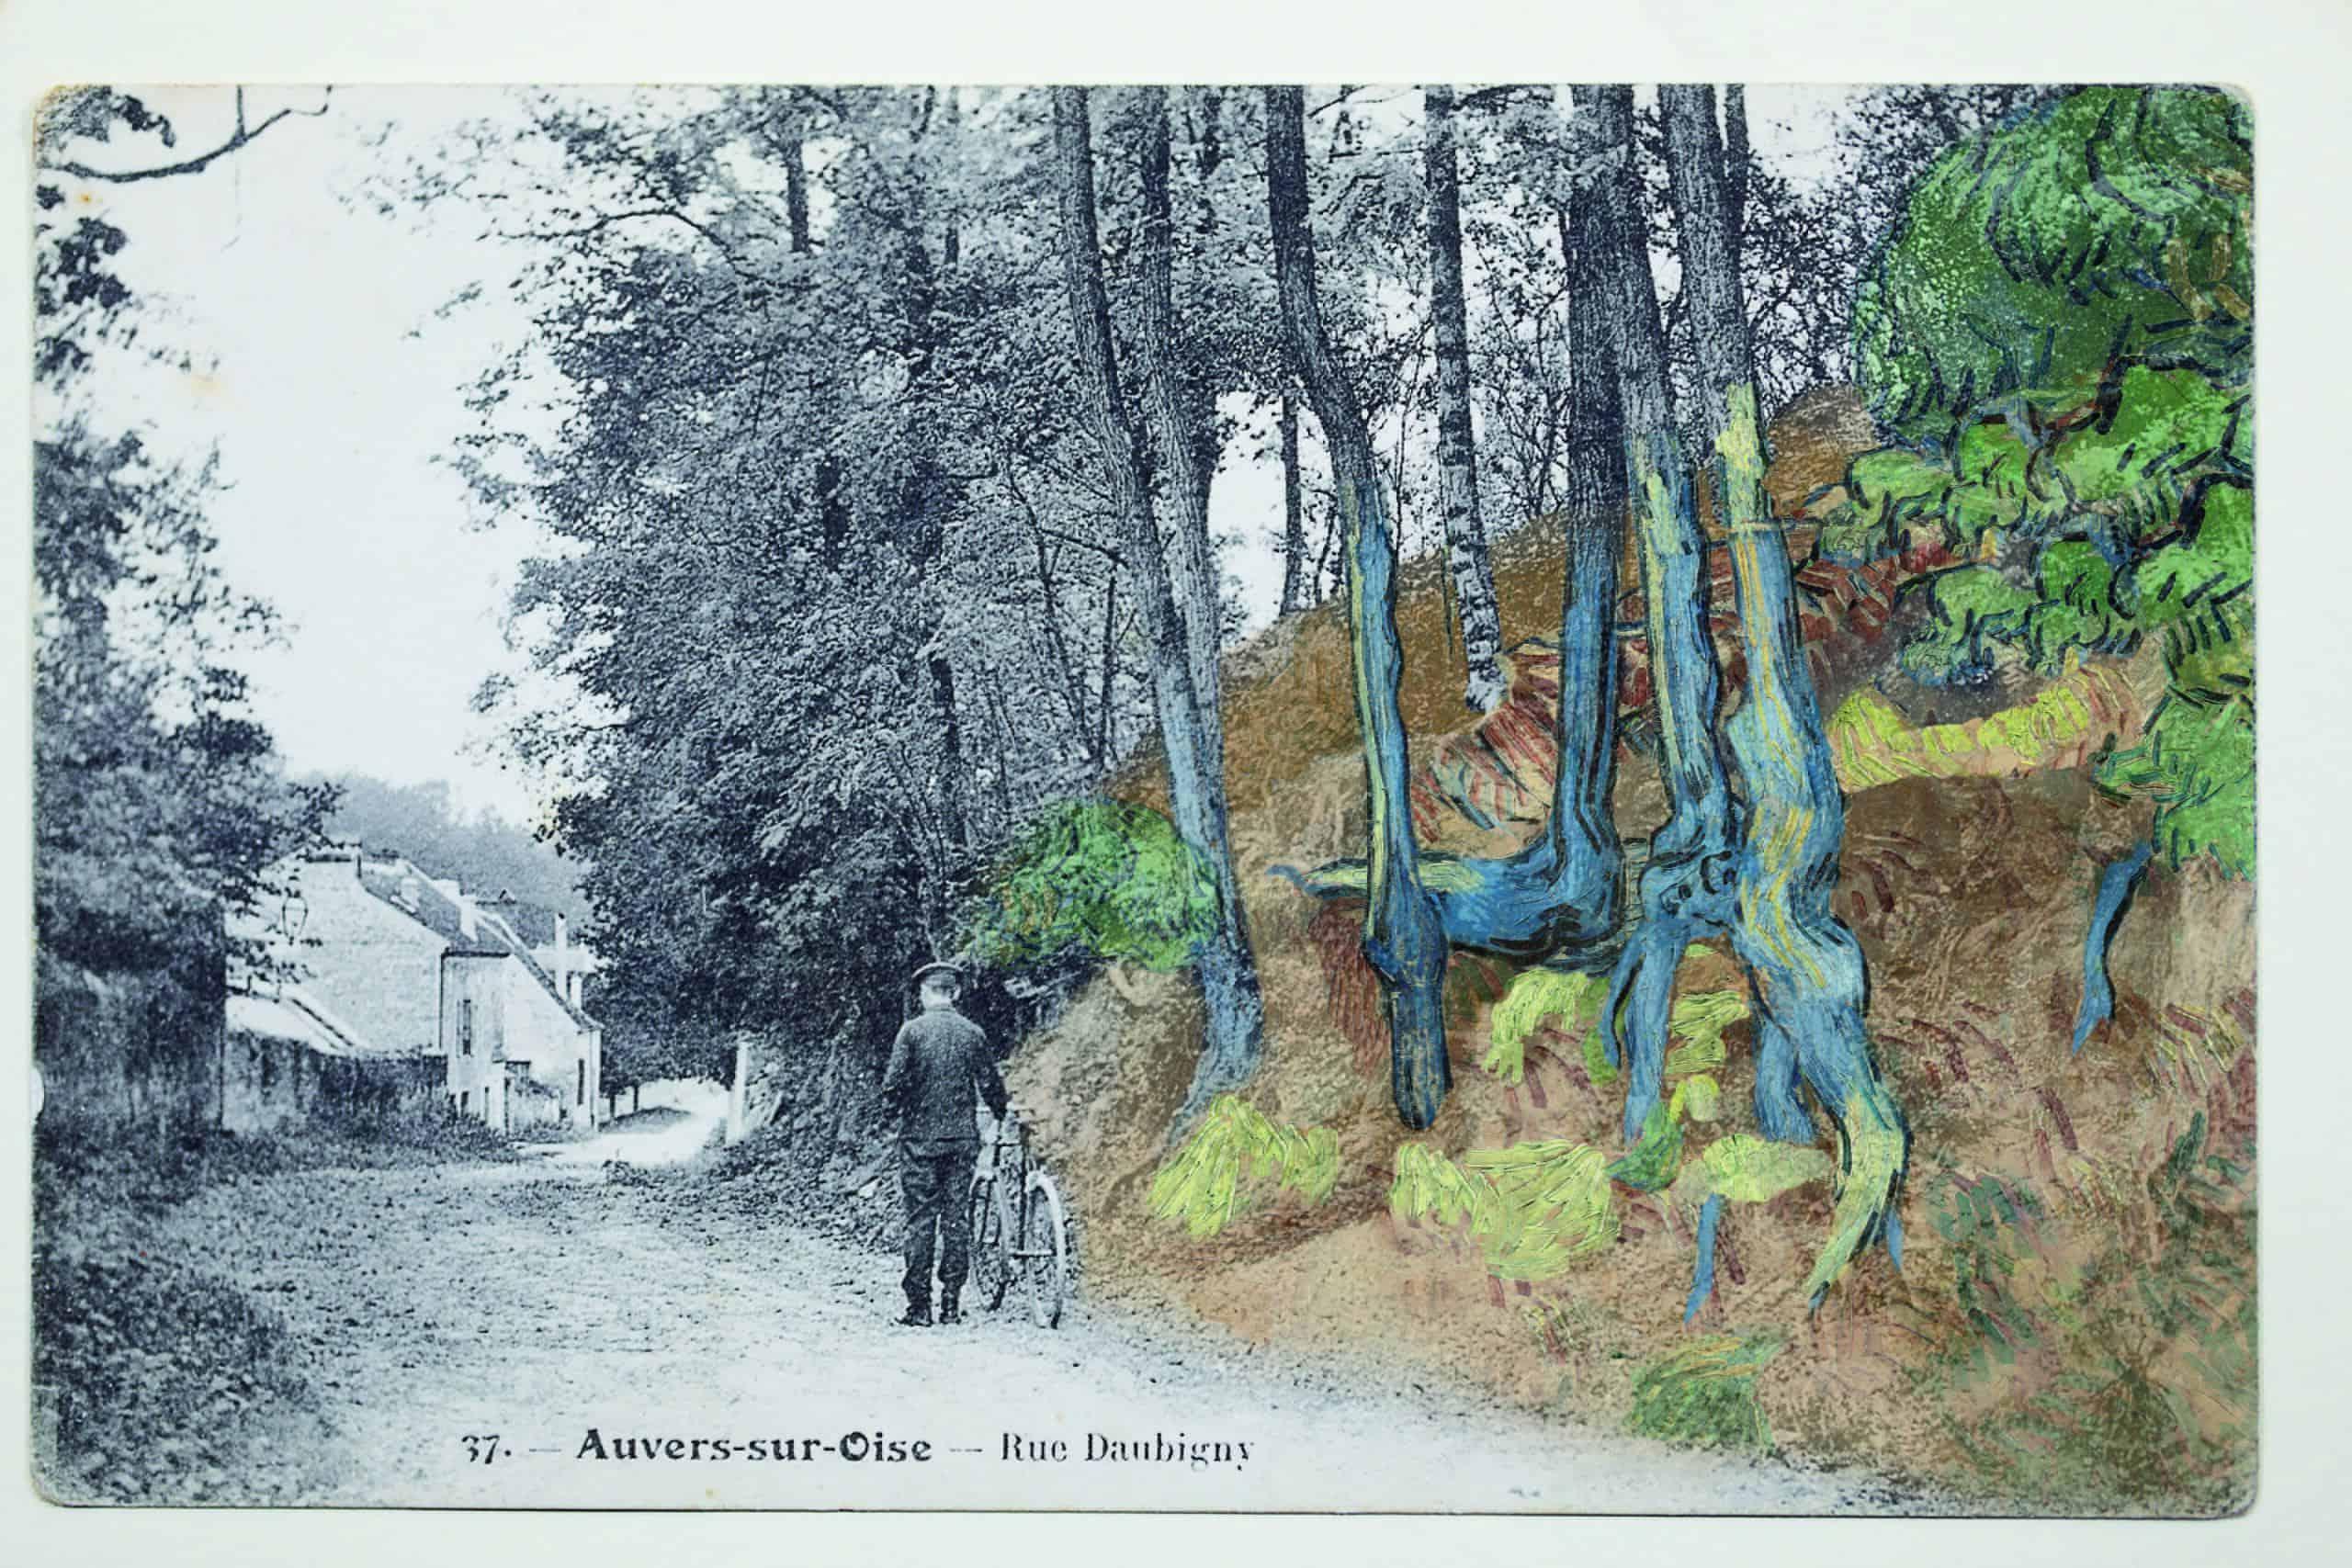 Ansichtkaart 'rue Daubigny, Auvers-sur-Oise' met daar overheen het schilderij 'Boomwortels' (1890) van Van Gogh, ©arthénon